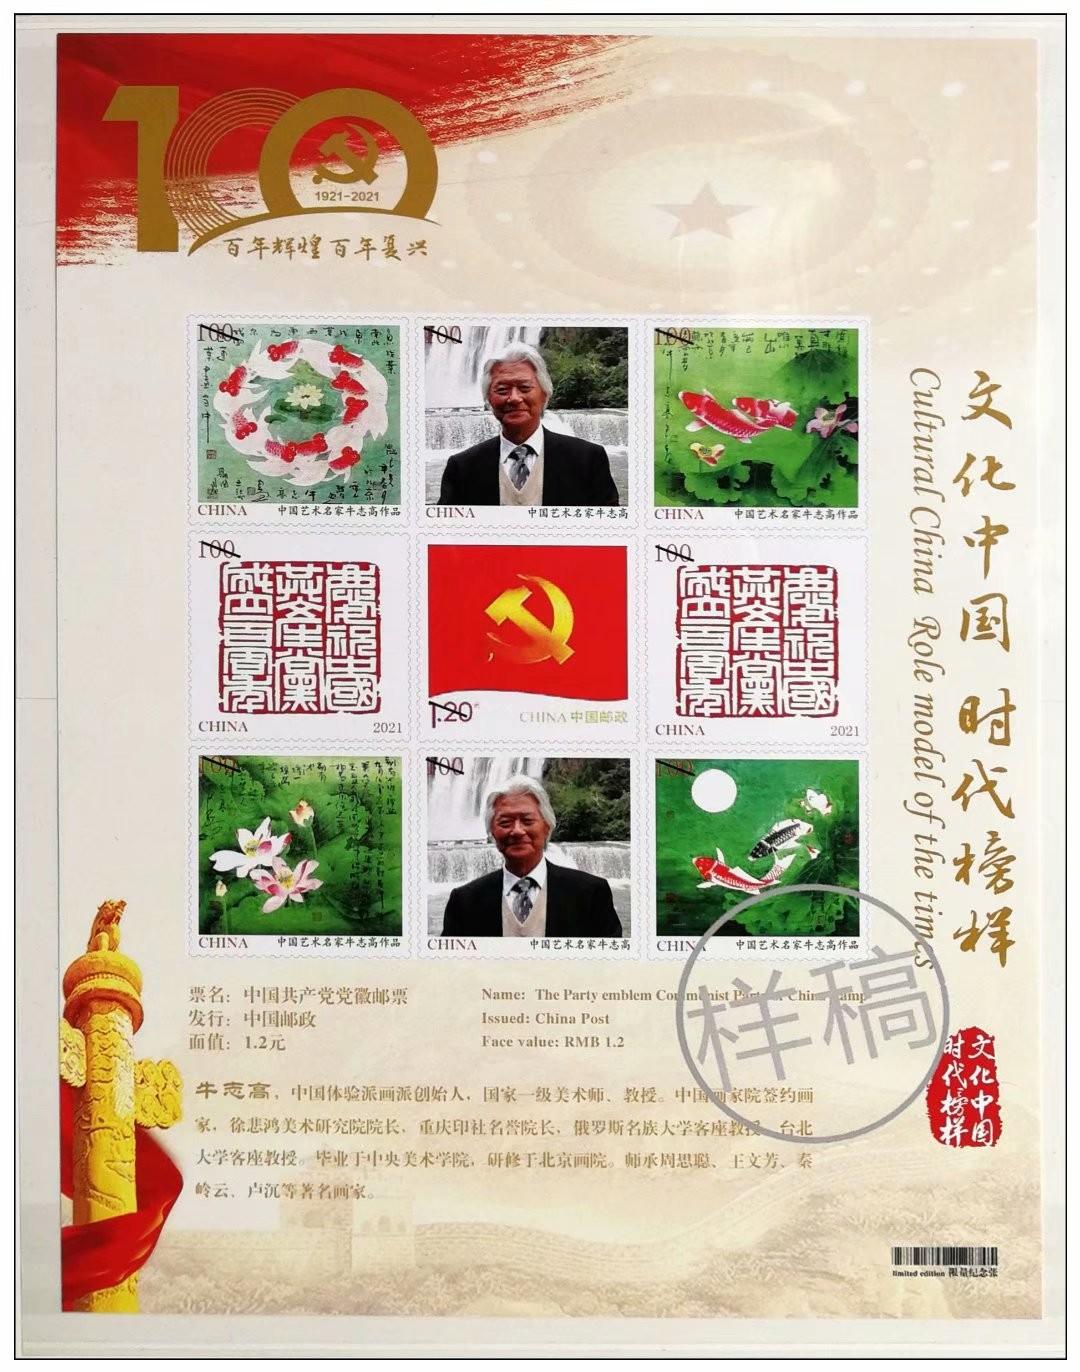 庆祝中国共产党成立100周年---牛志高书画集邮册面世2021.03.15_图1-23